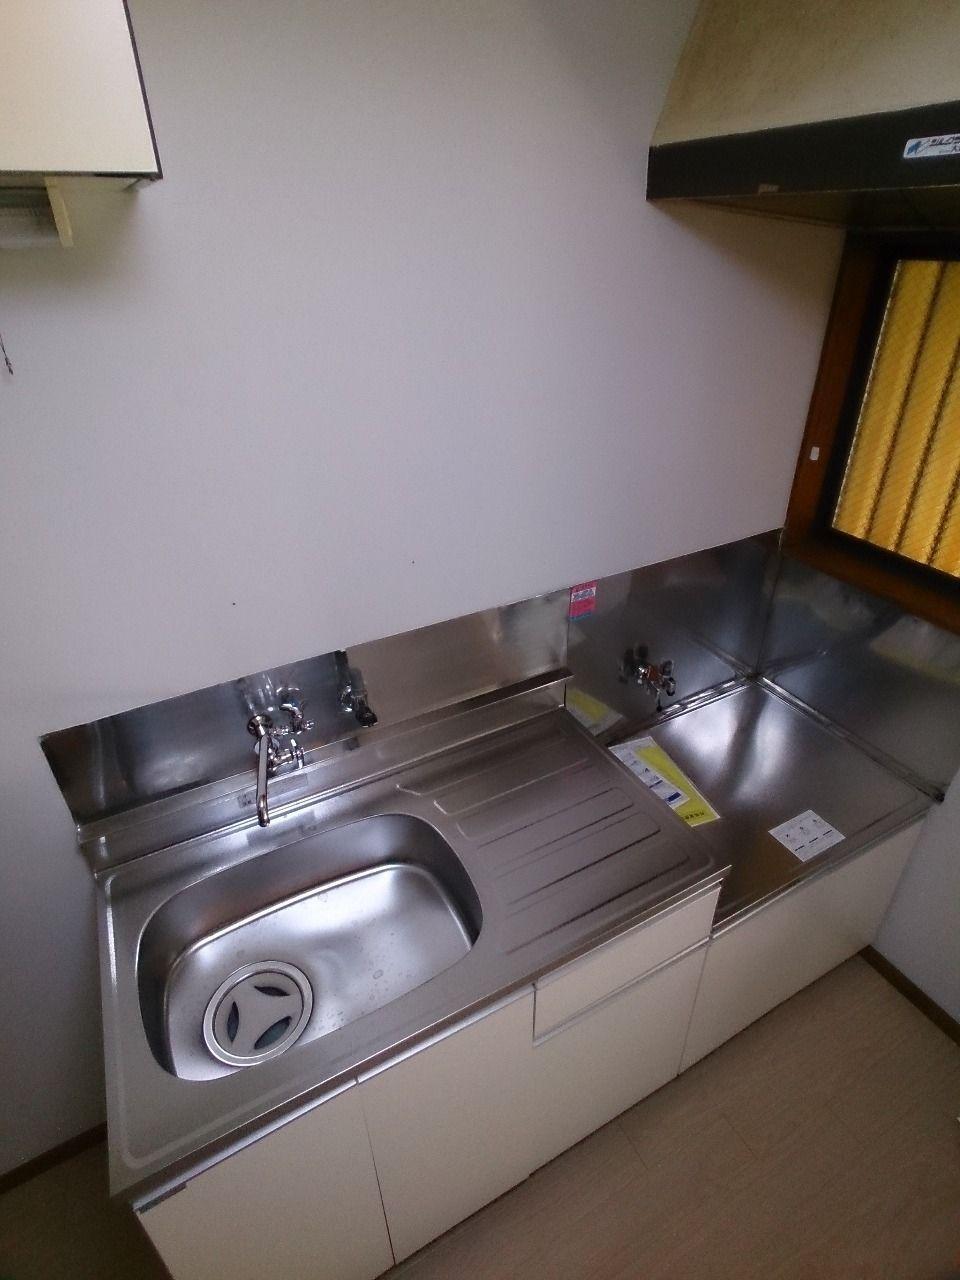 瞬間湯沸し器は入居者様にて設置して下さい